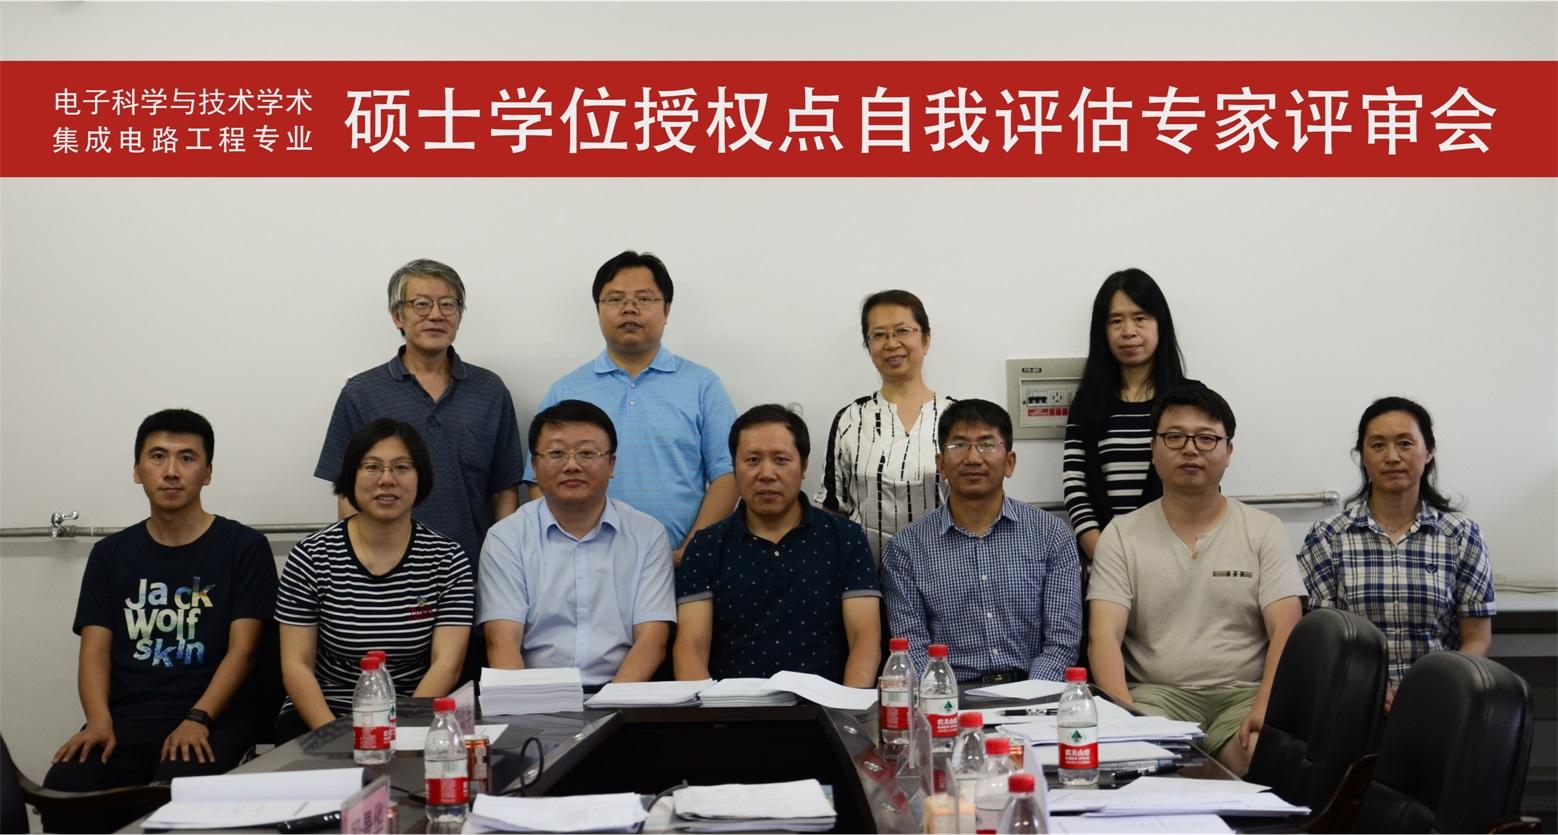 理学院召开电子科学与技术学术硕士和集成电路工程专业硕士学位授权点